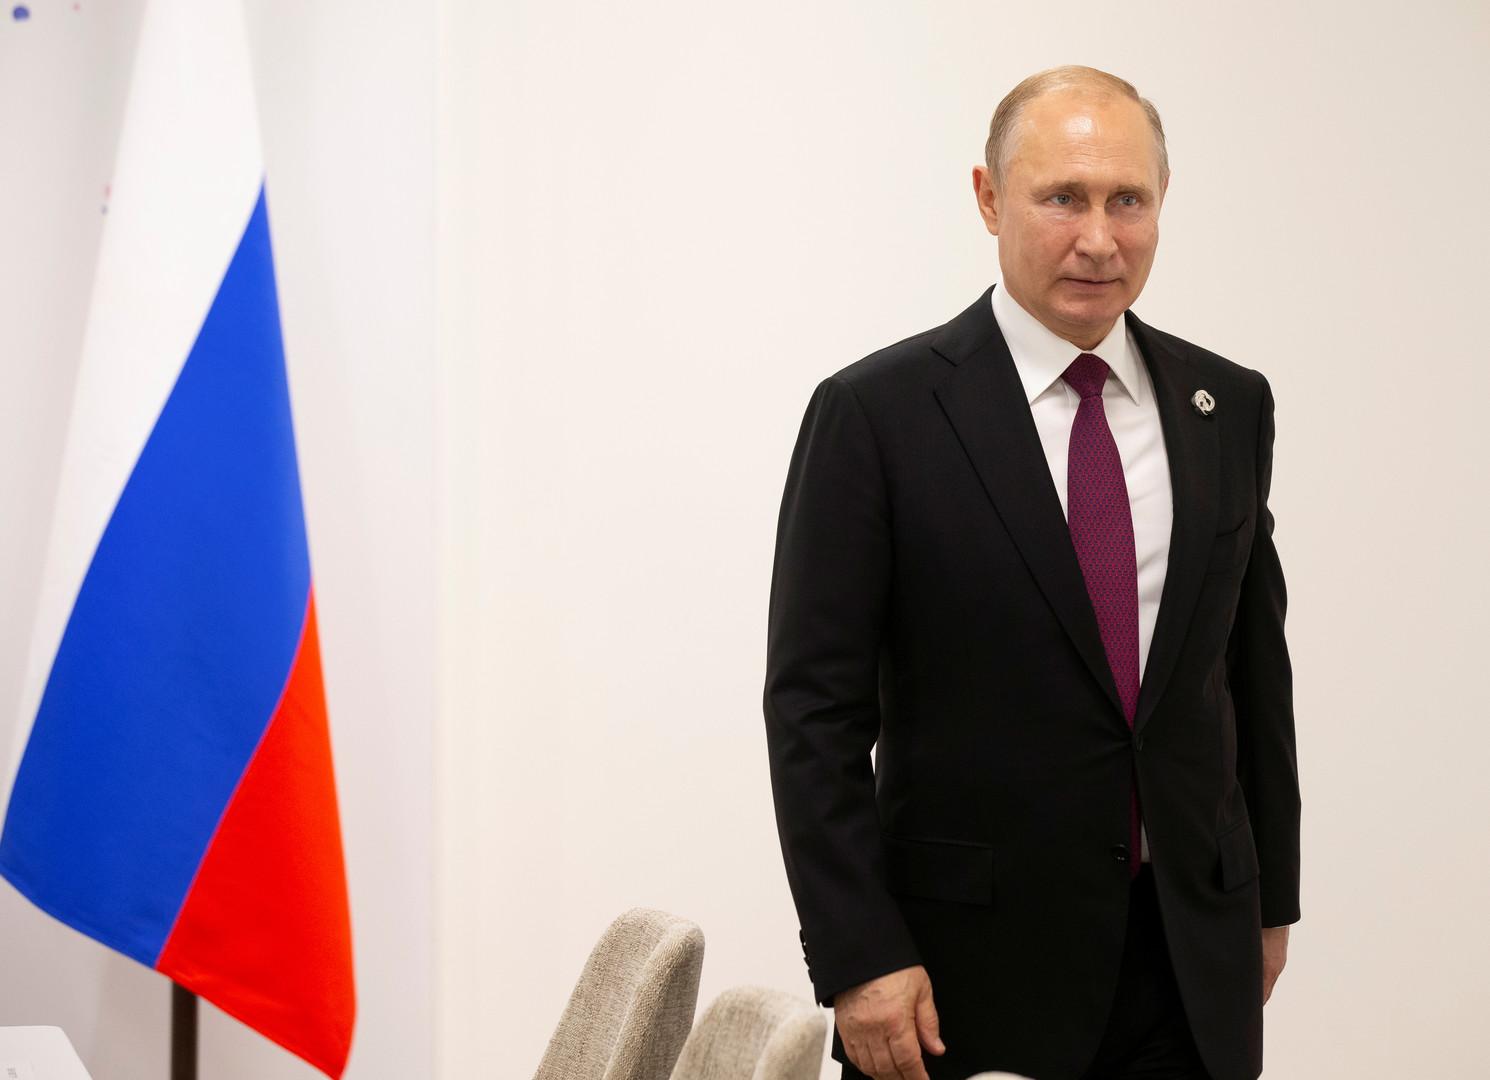 الرئيس الروسي فلاديمير بوتين، أوساكا، اليابان، 28 يونيو 2019